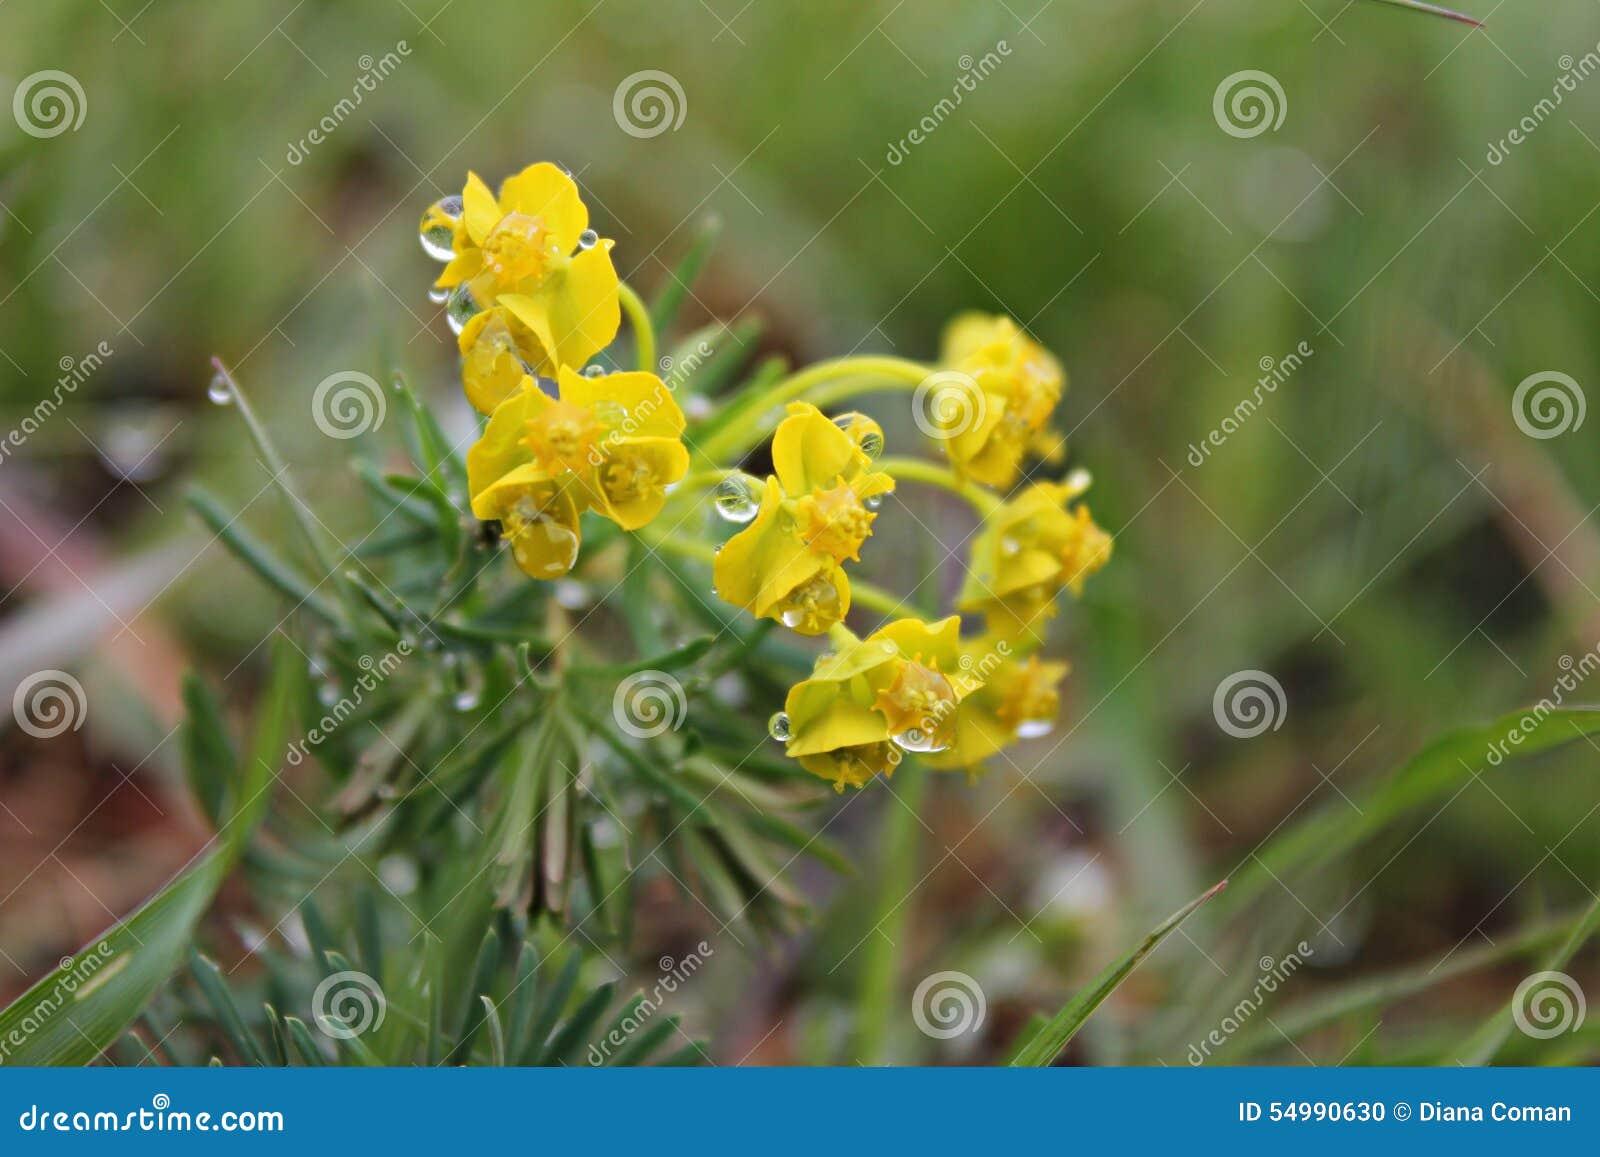 Tiempo de primavera - flores amarillas